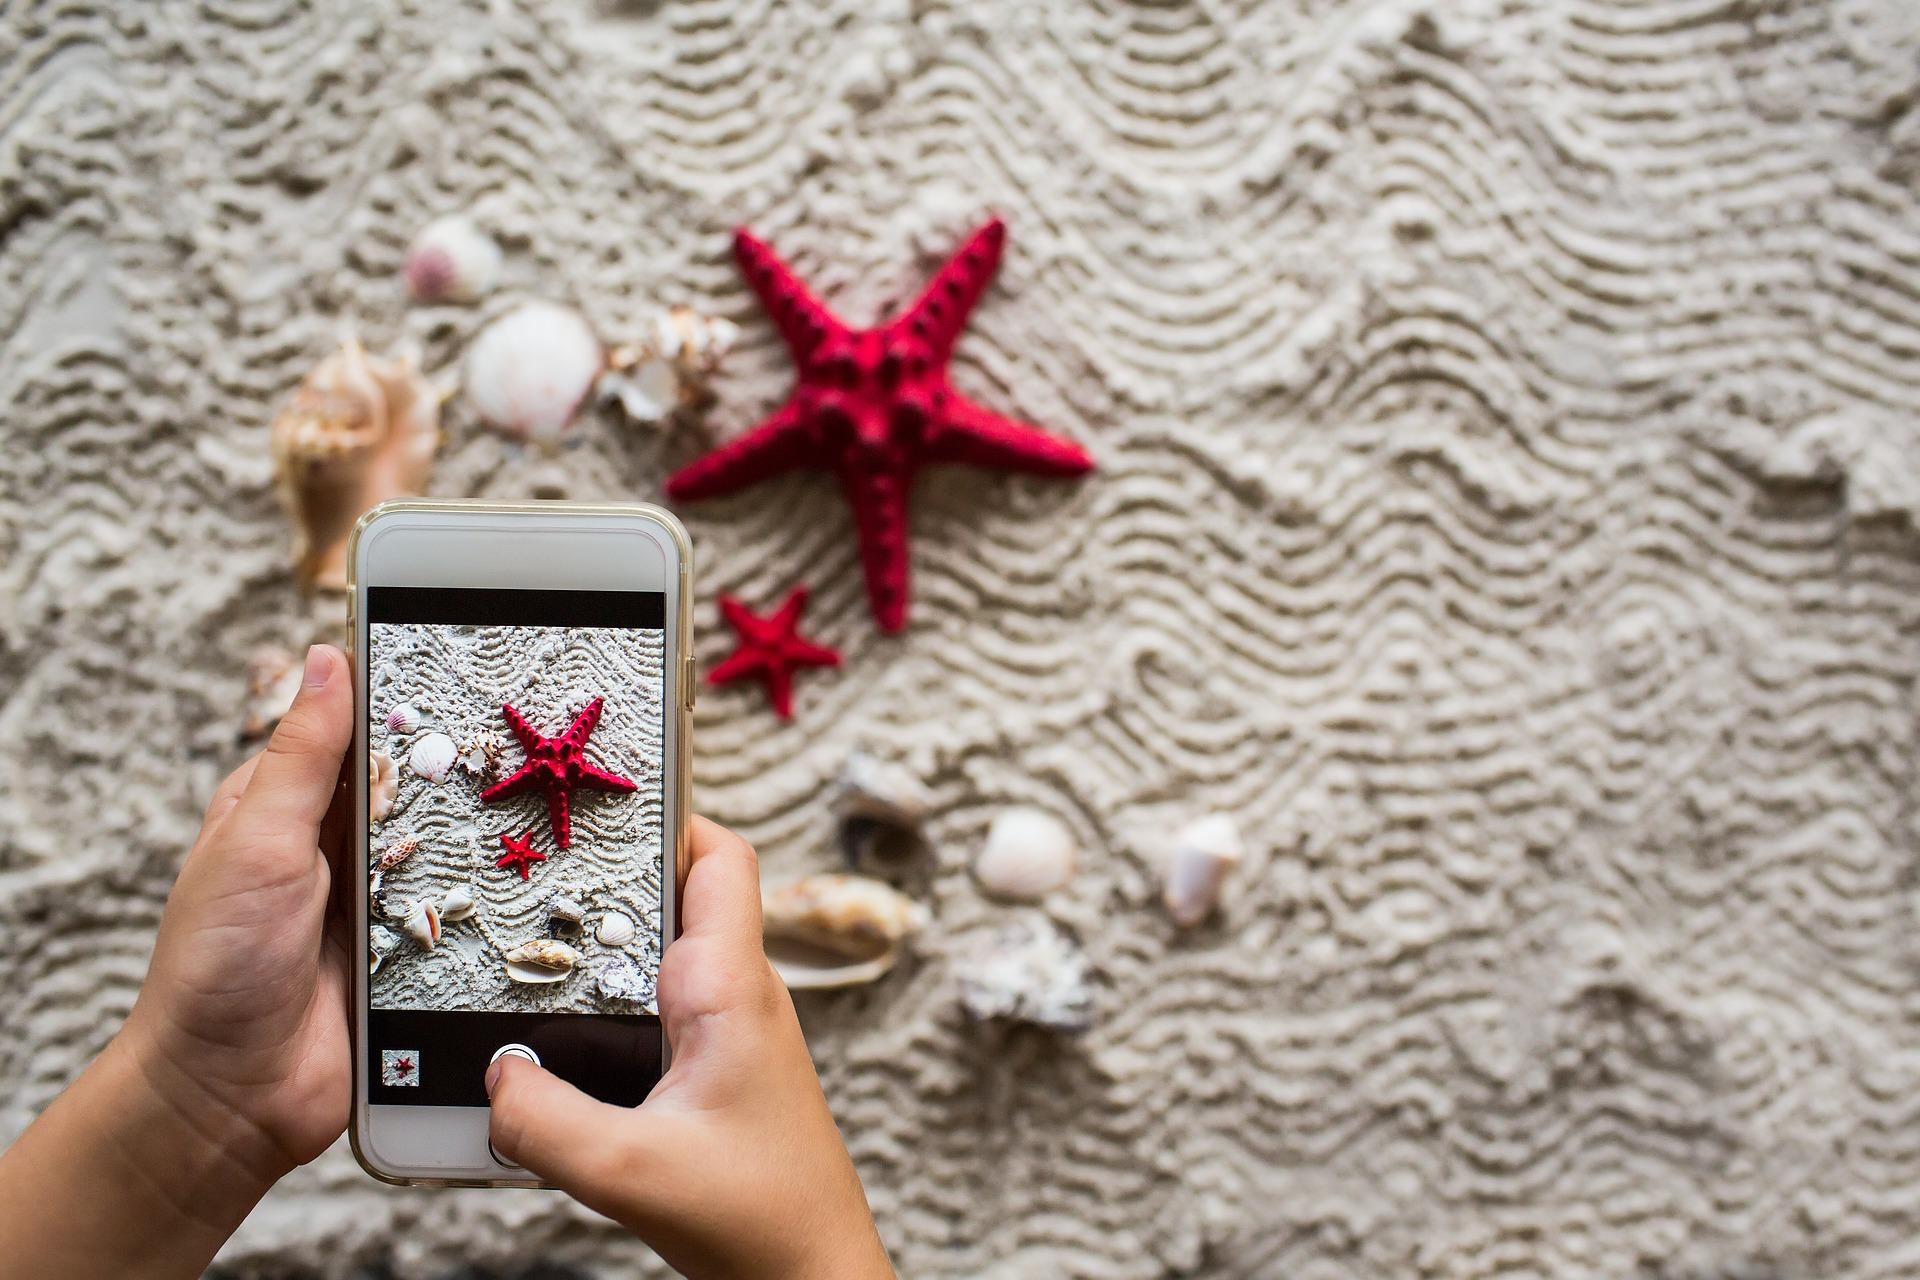 mit Smartphone wird Strandmotiv fotografiert